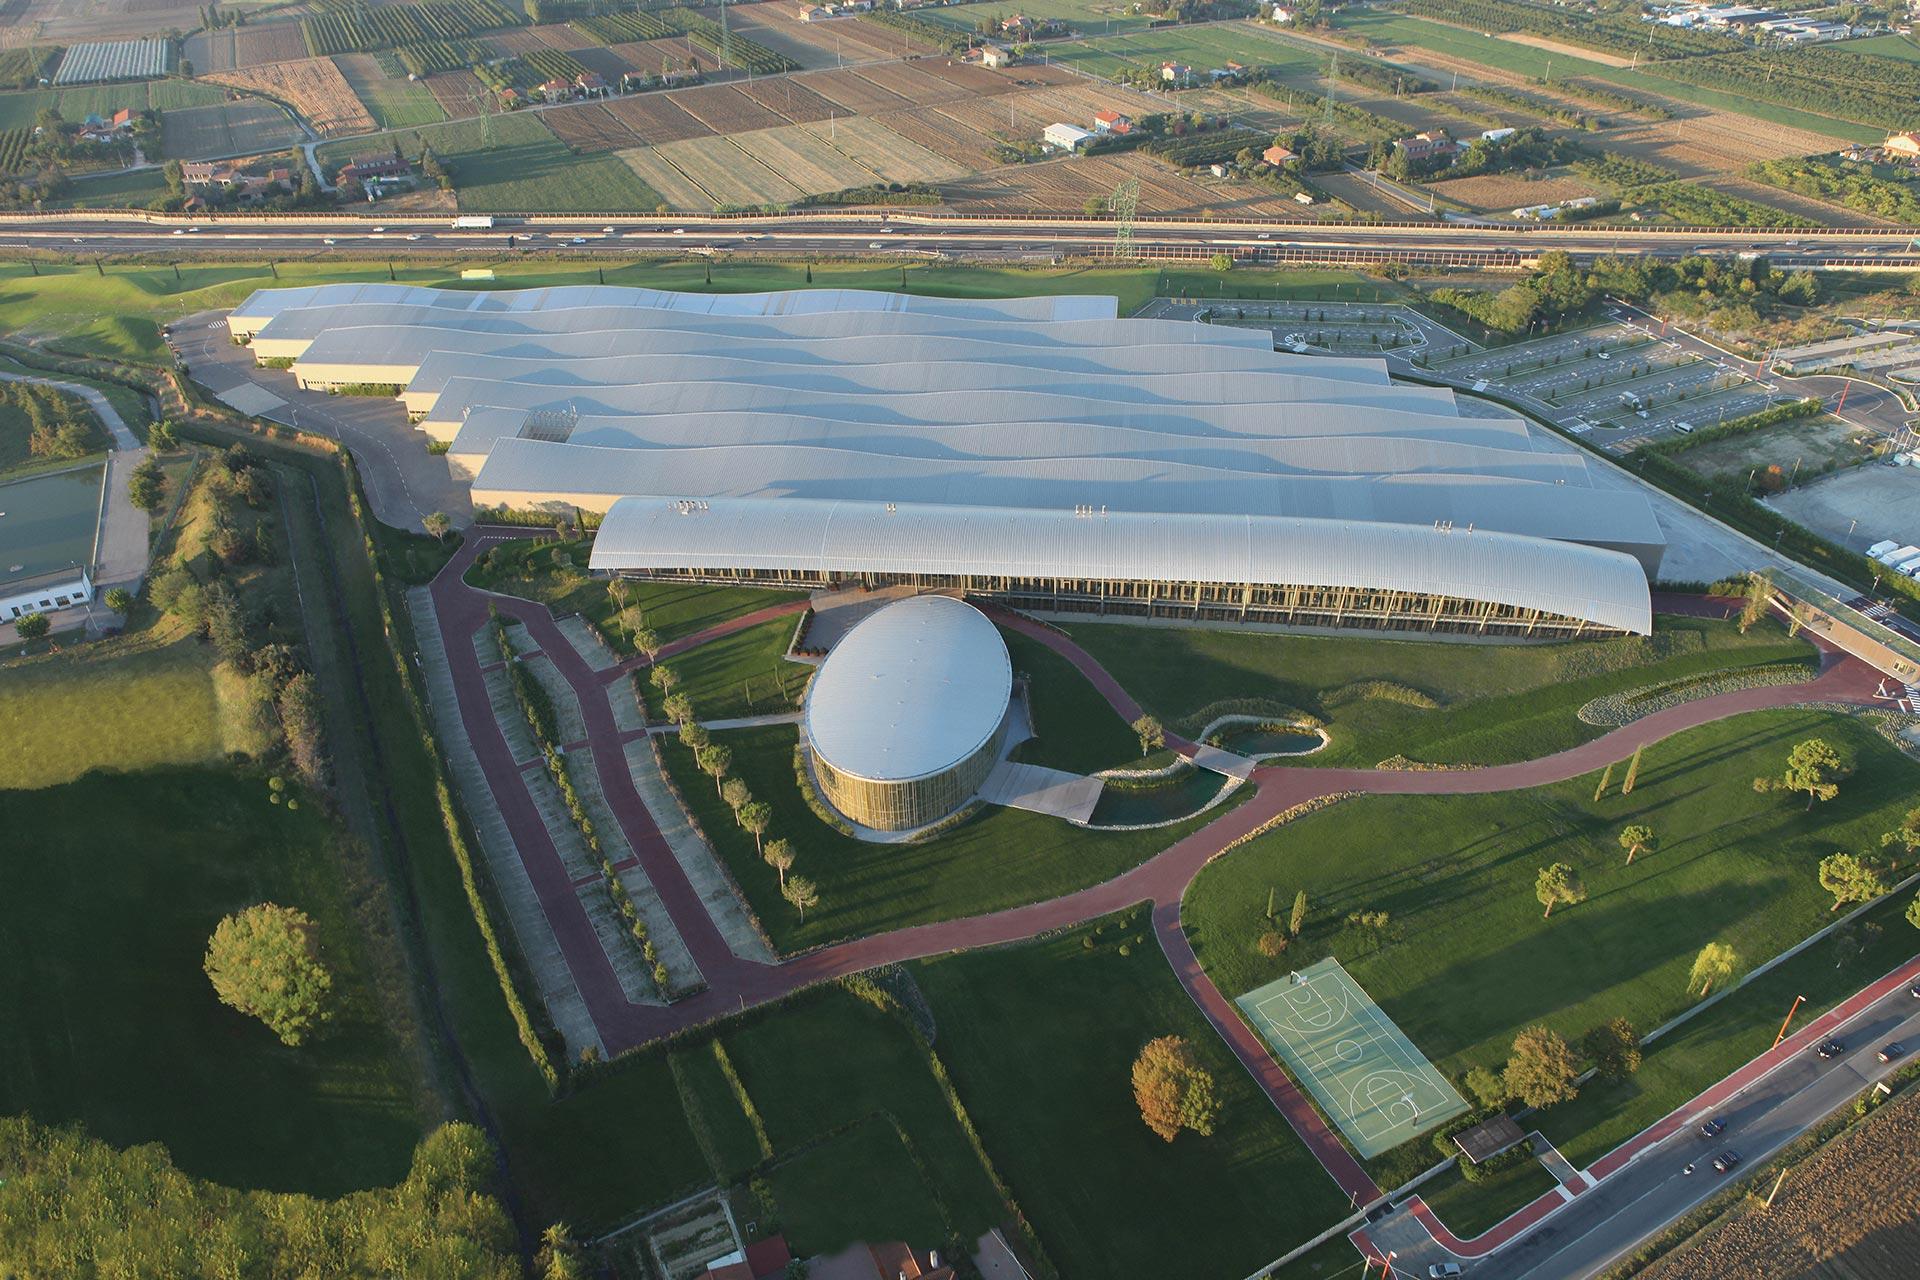 """Vista aerea della sede di Technogym a Cesena, lungo l'Autostrada A14. Progetto architettonico di """"Antonio Citterio Patricia Viel""""."""